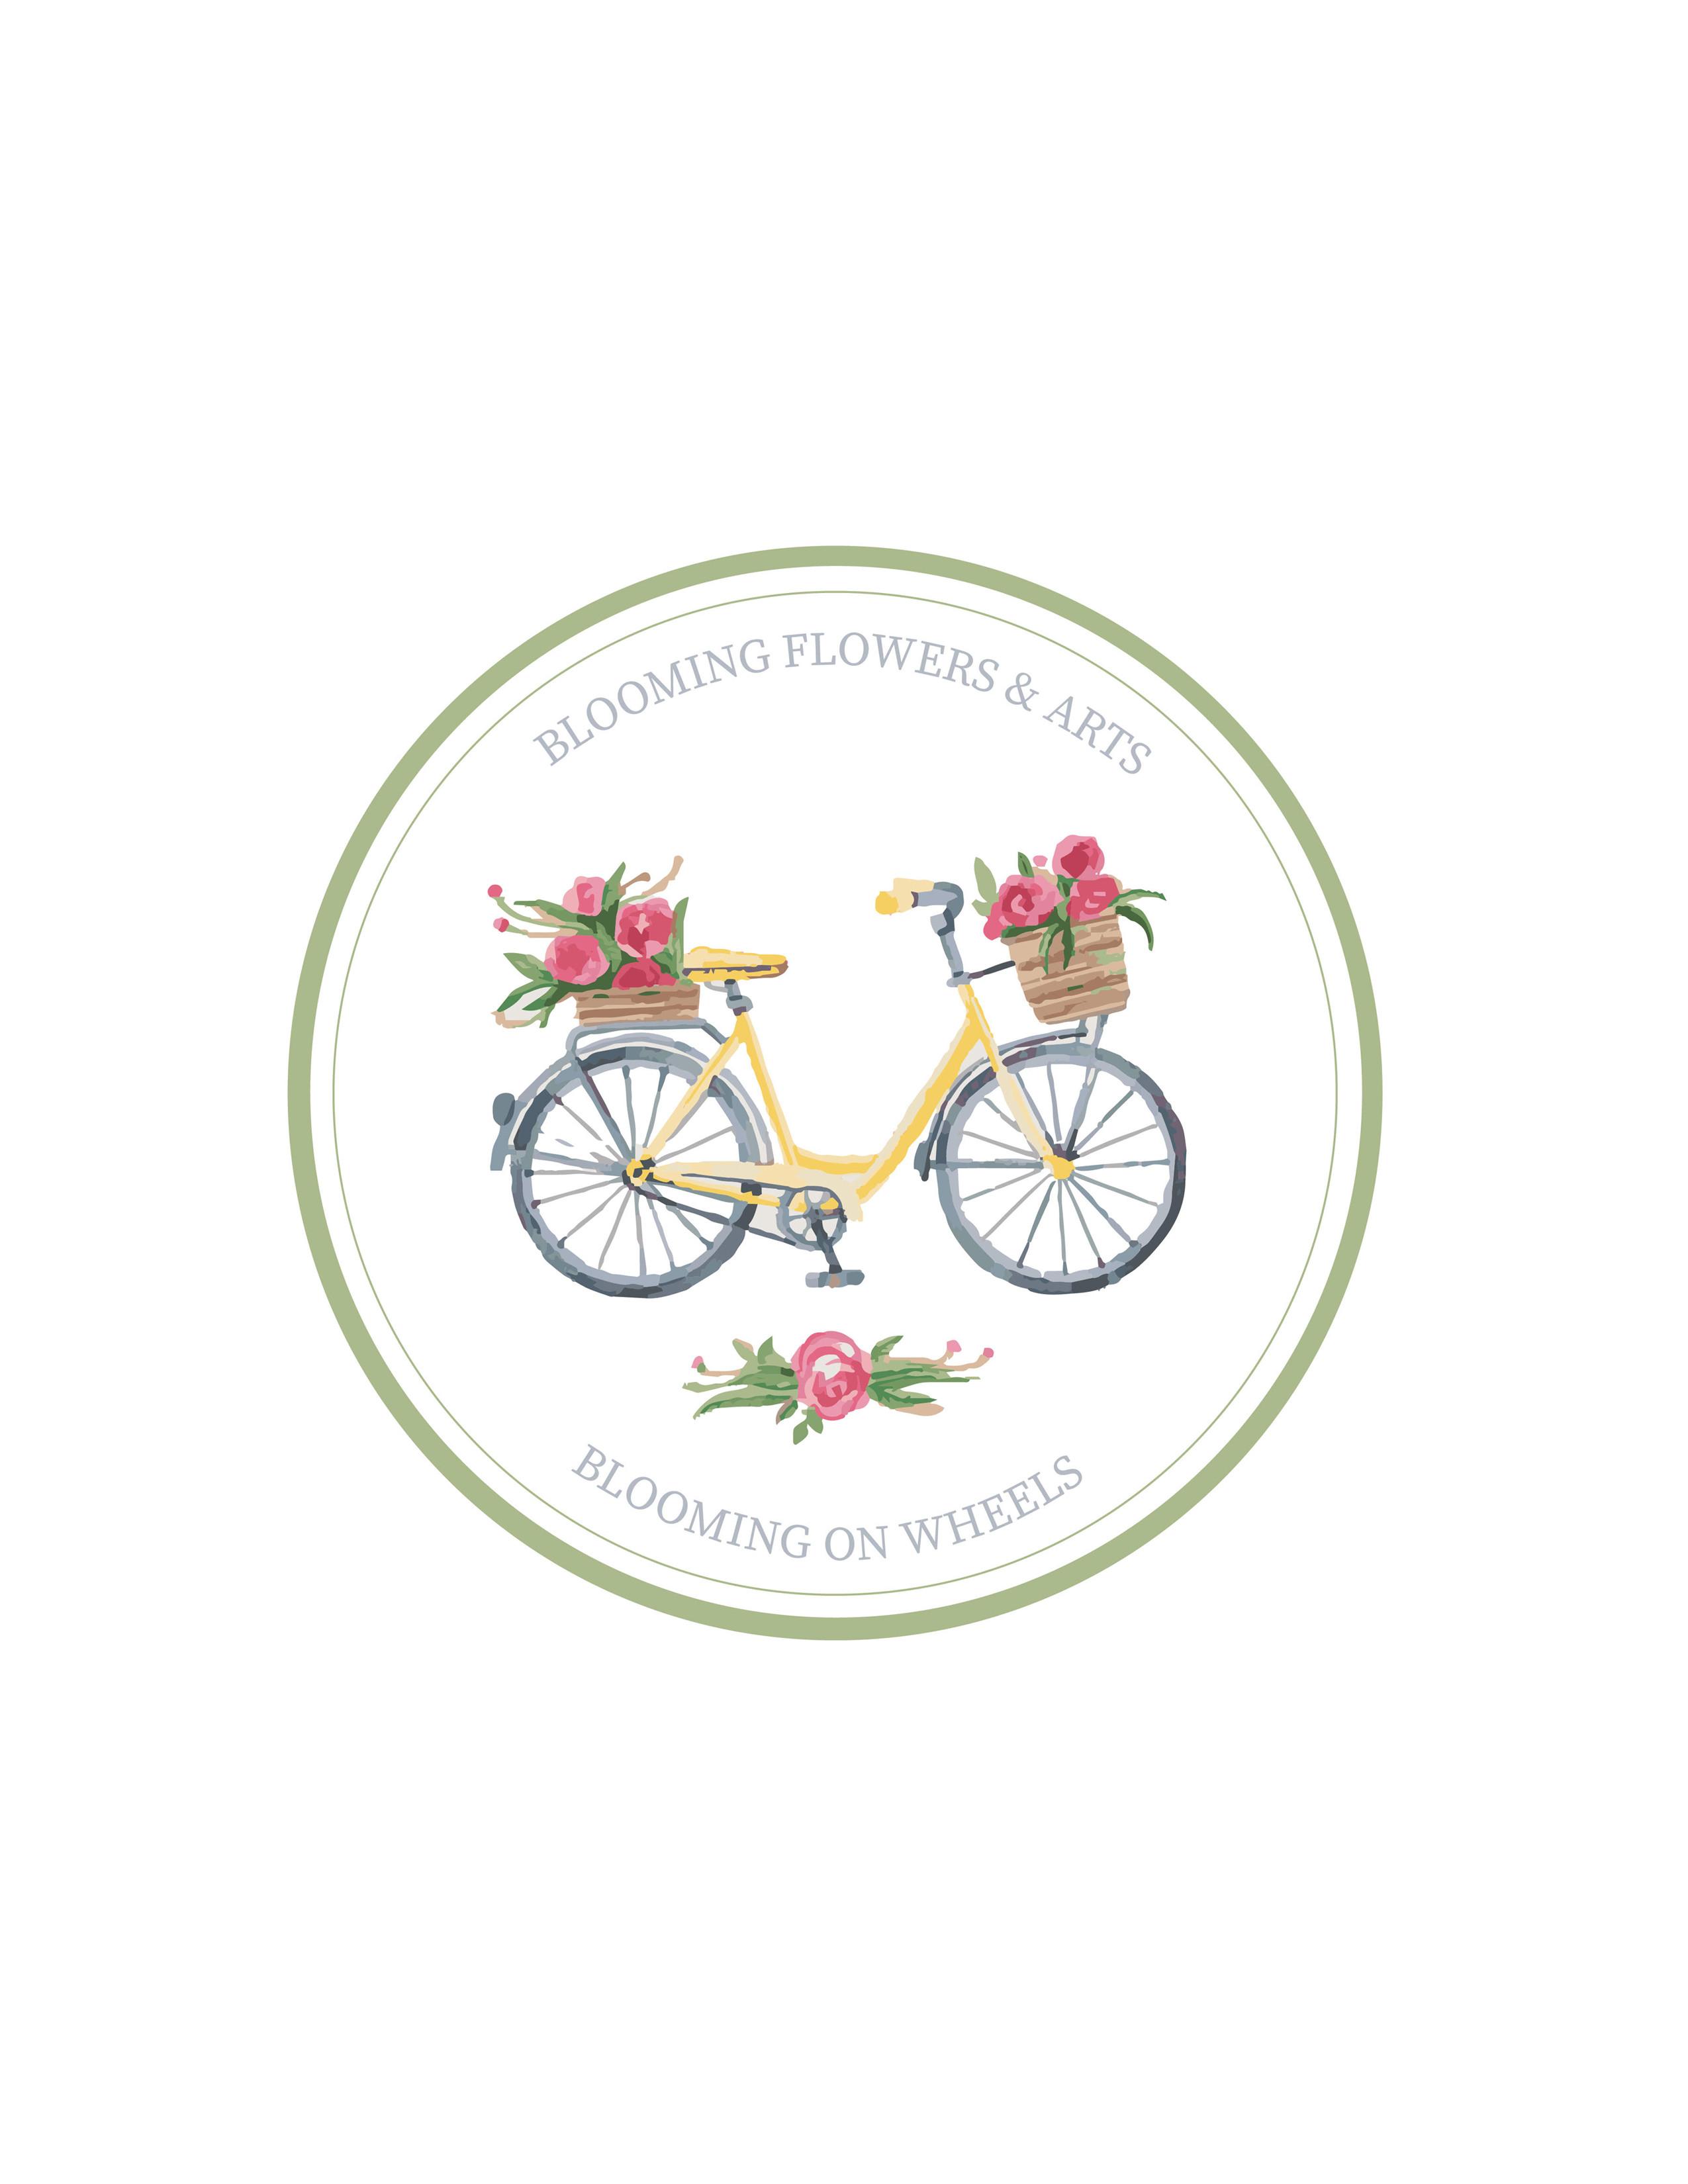 Blooming on wheels